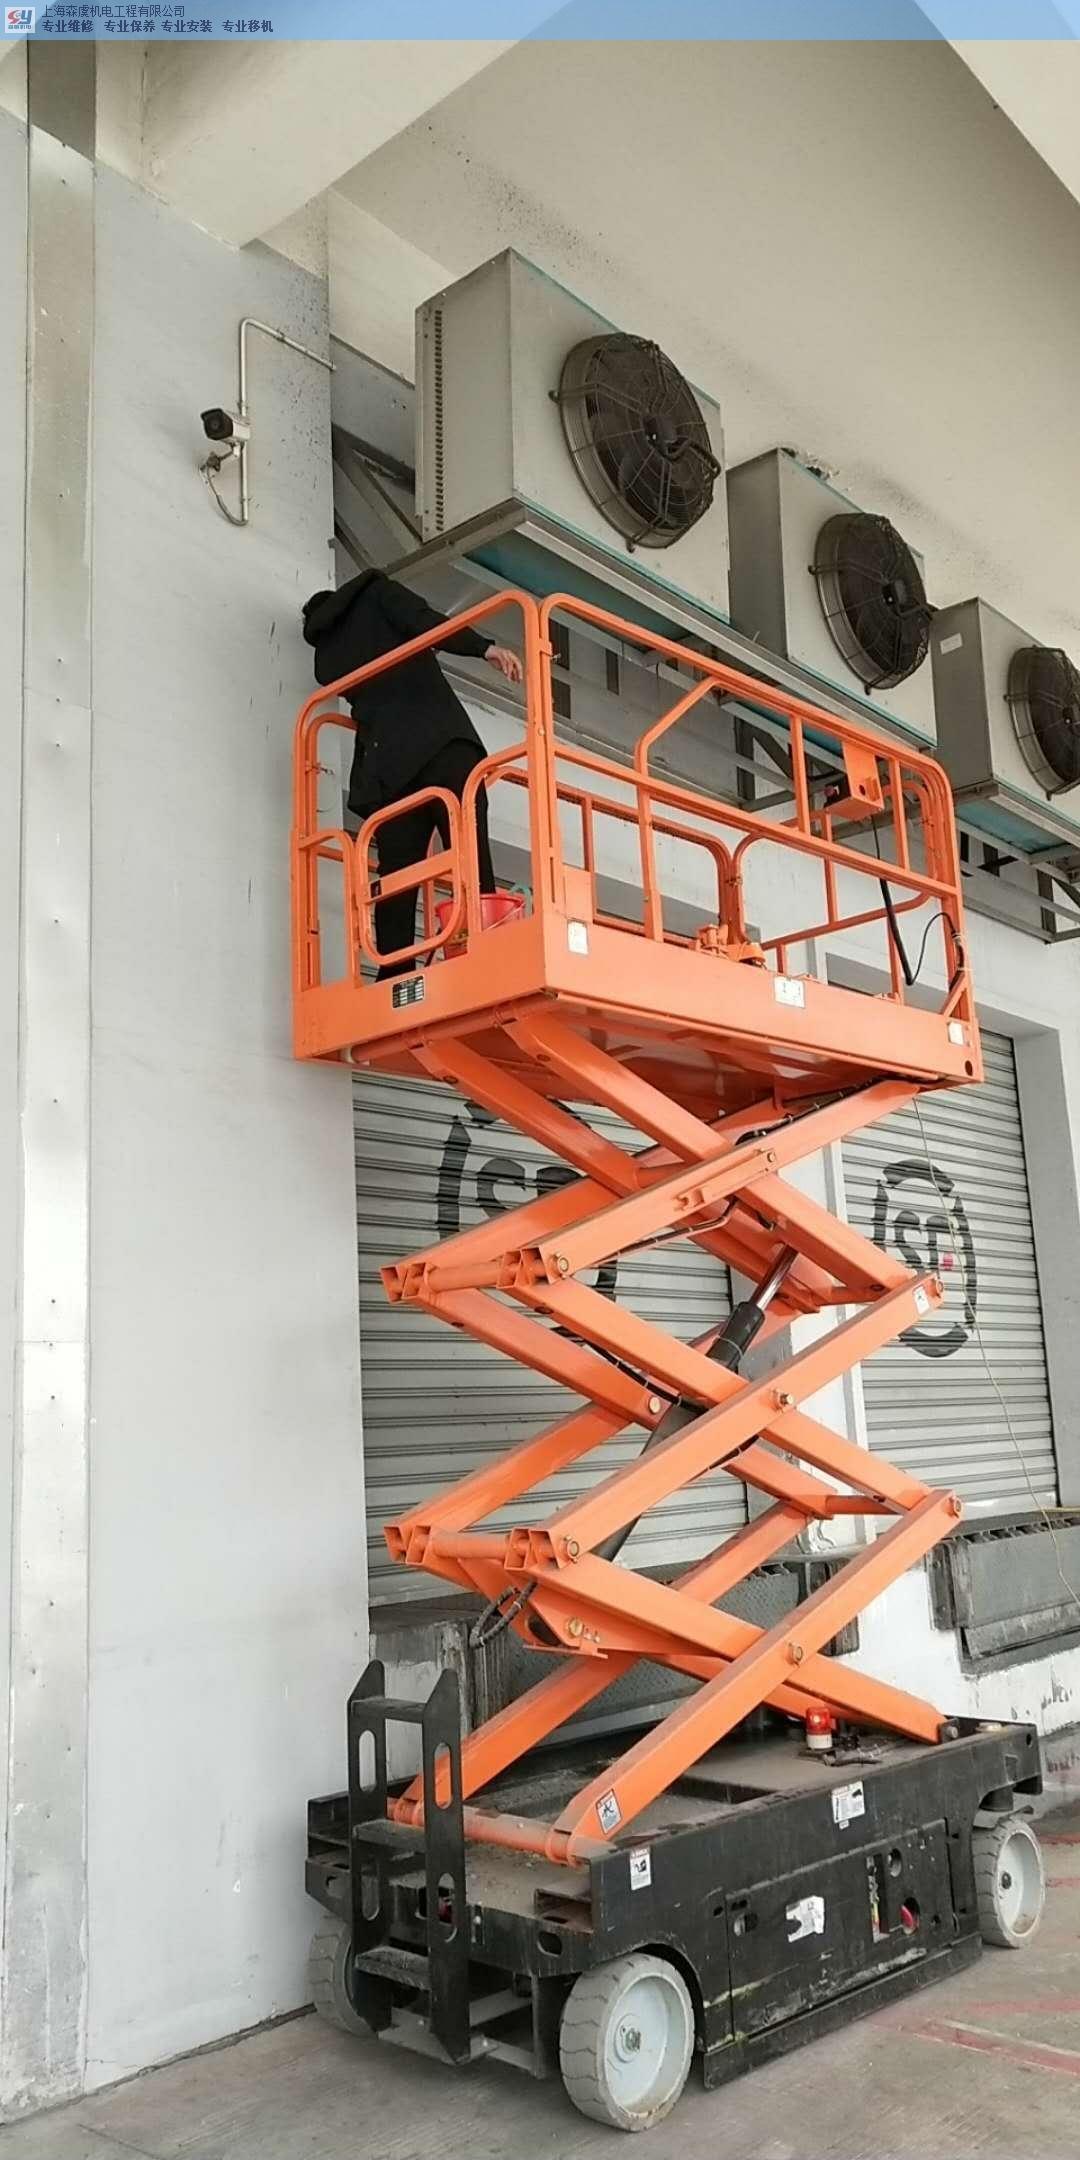 嘉兴依米康实验室空调维修价格合理 诚信为本 上海森虞机电工程供应